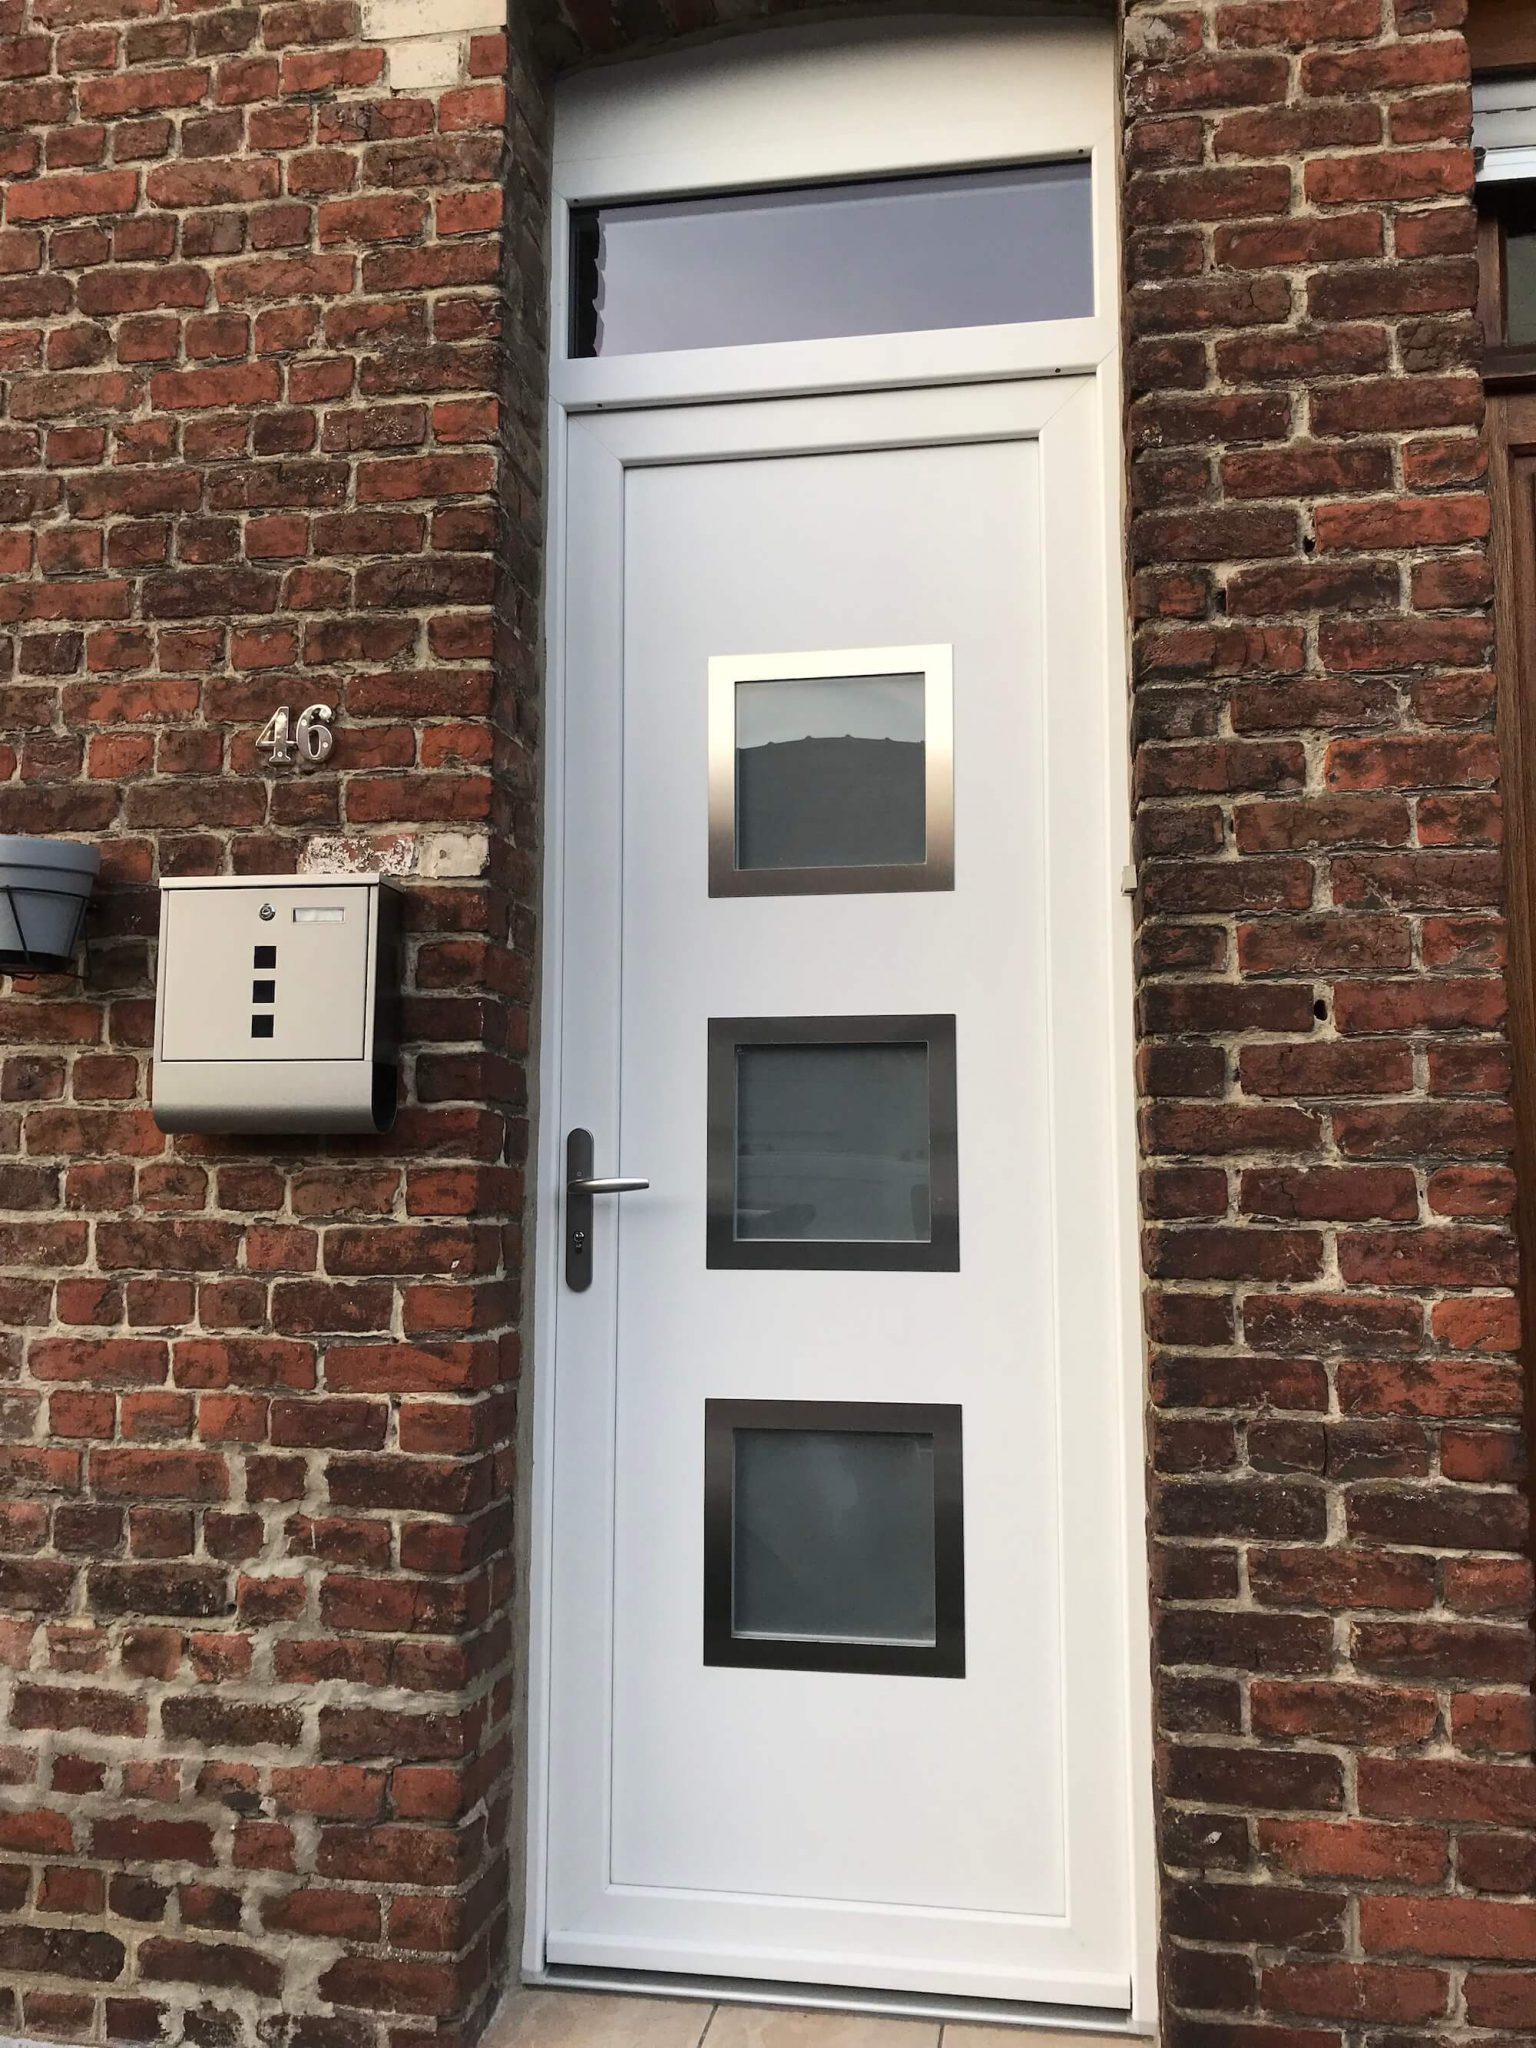 porte d'entrée hazebrouck, porte d'entrée aire sur la lys, porte d'entrée béthune, porte d'entrée merville, porte d'entrée lille, aluminium, pvc 1